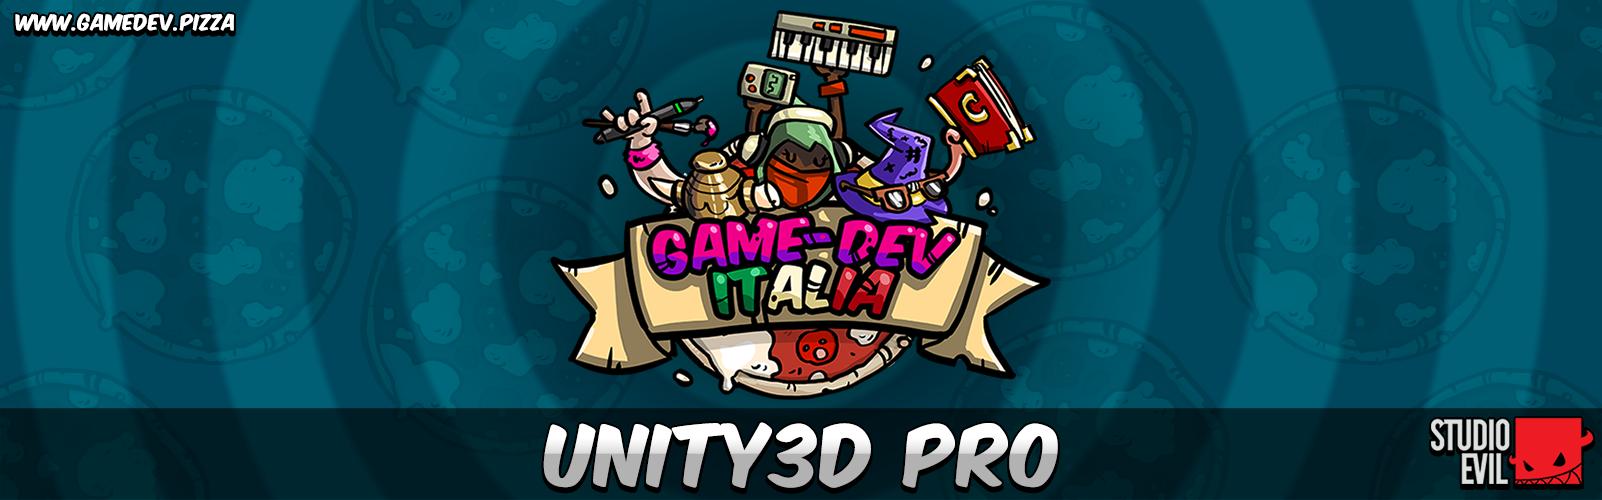 gamedev_italia_banner__0001_unity-pro